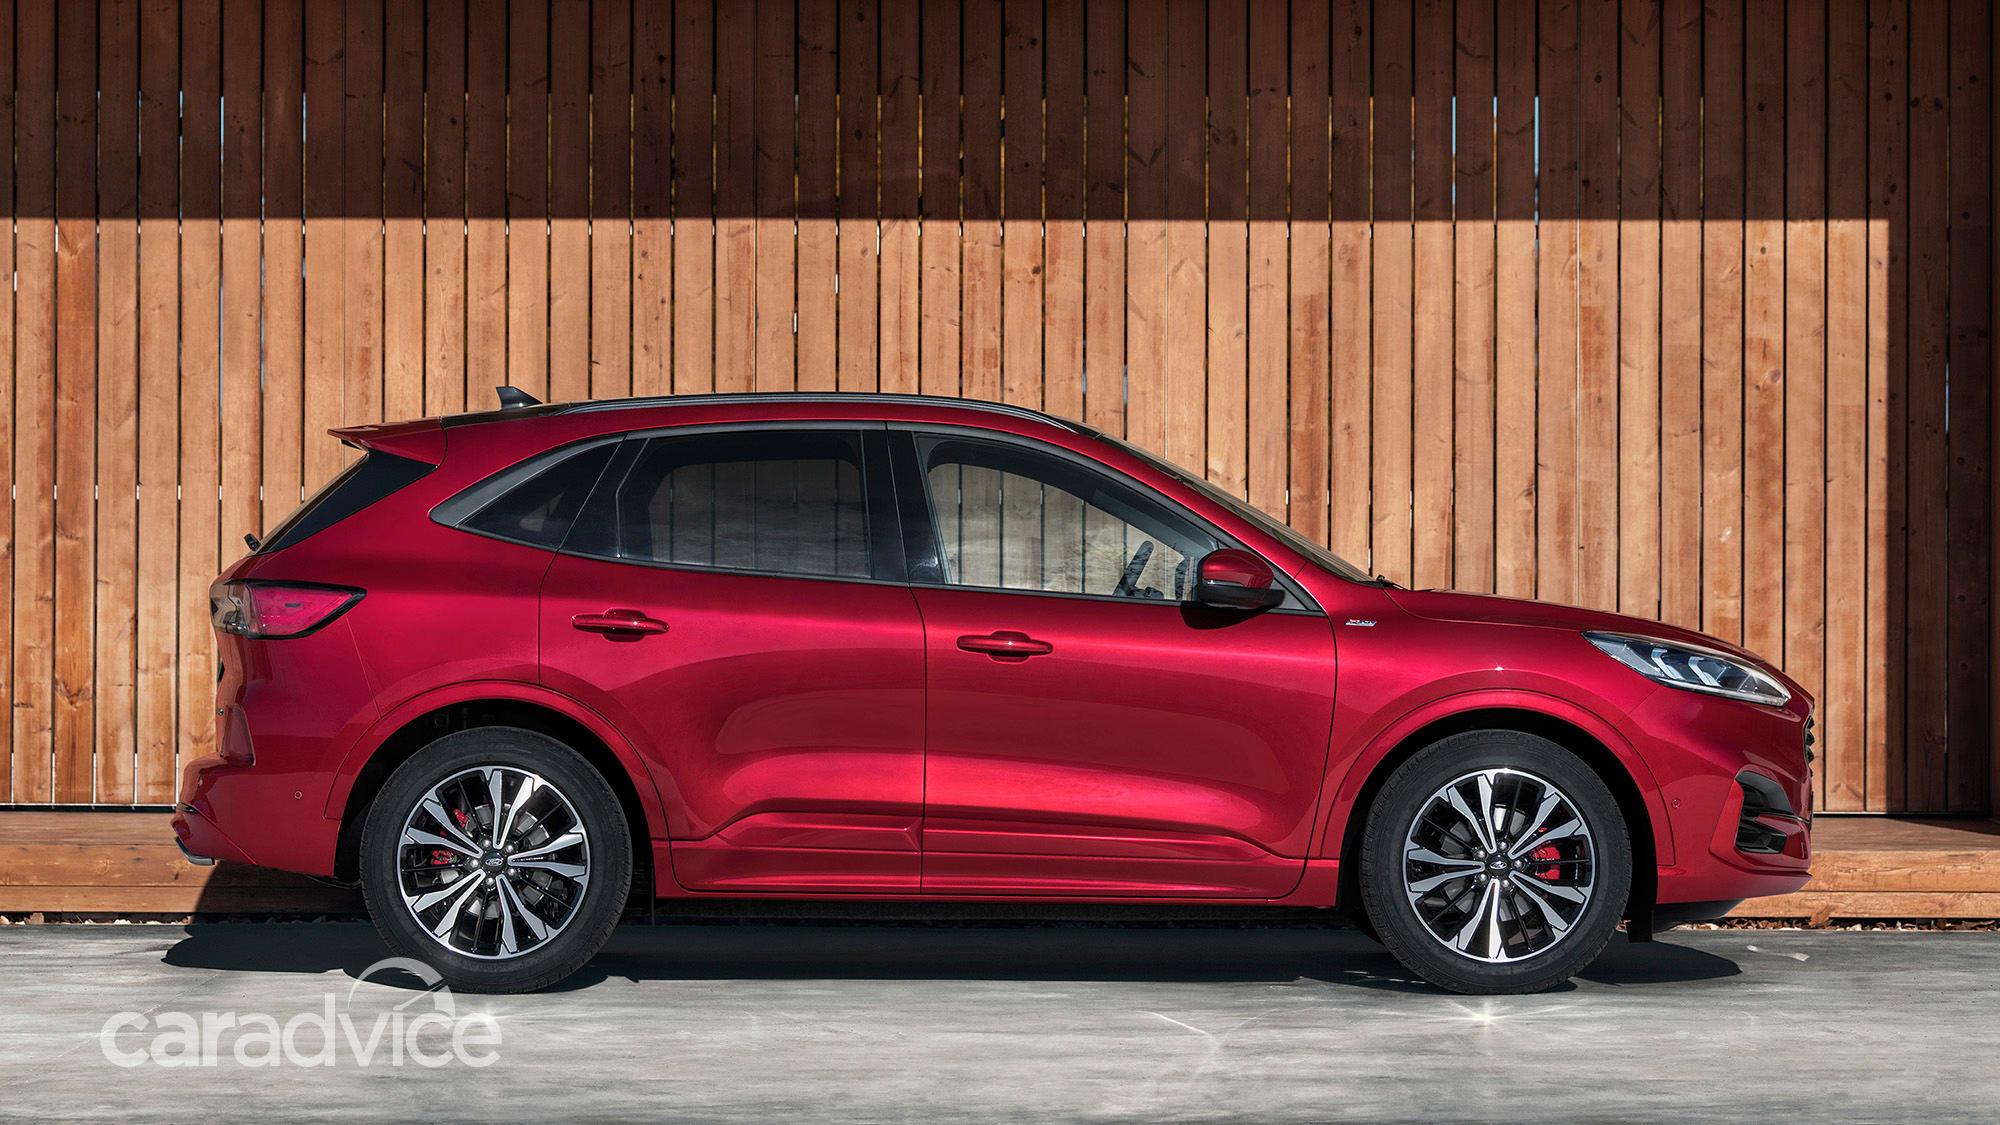 2020 Ford Kuga revealed | CarAdvice